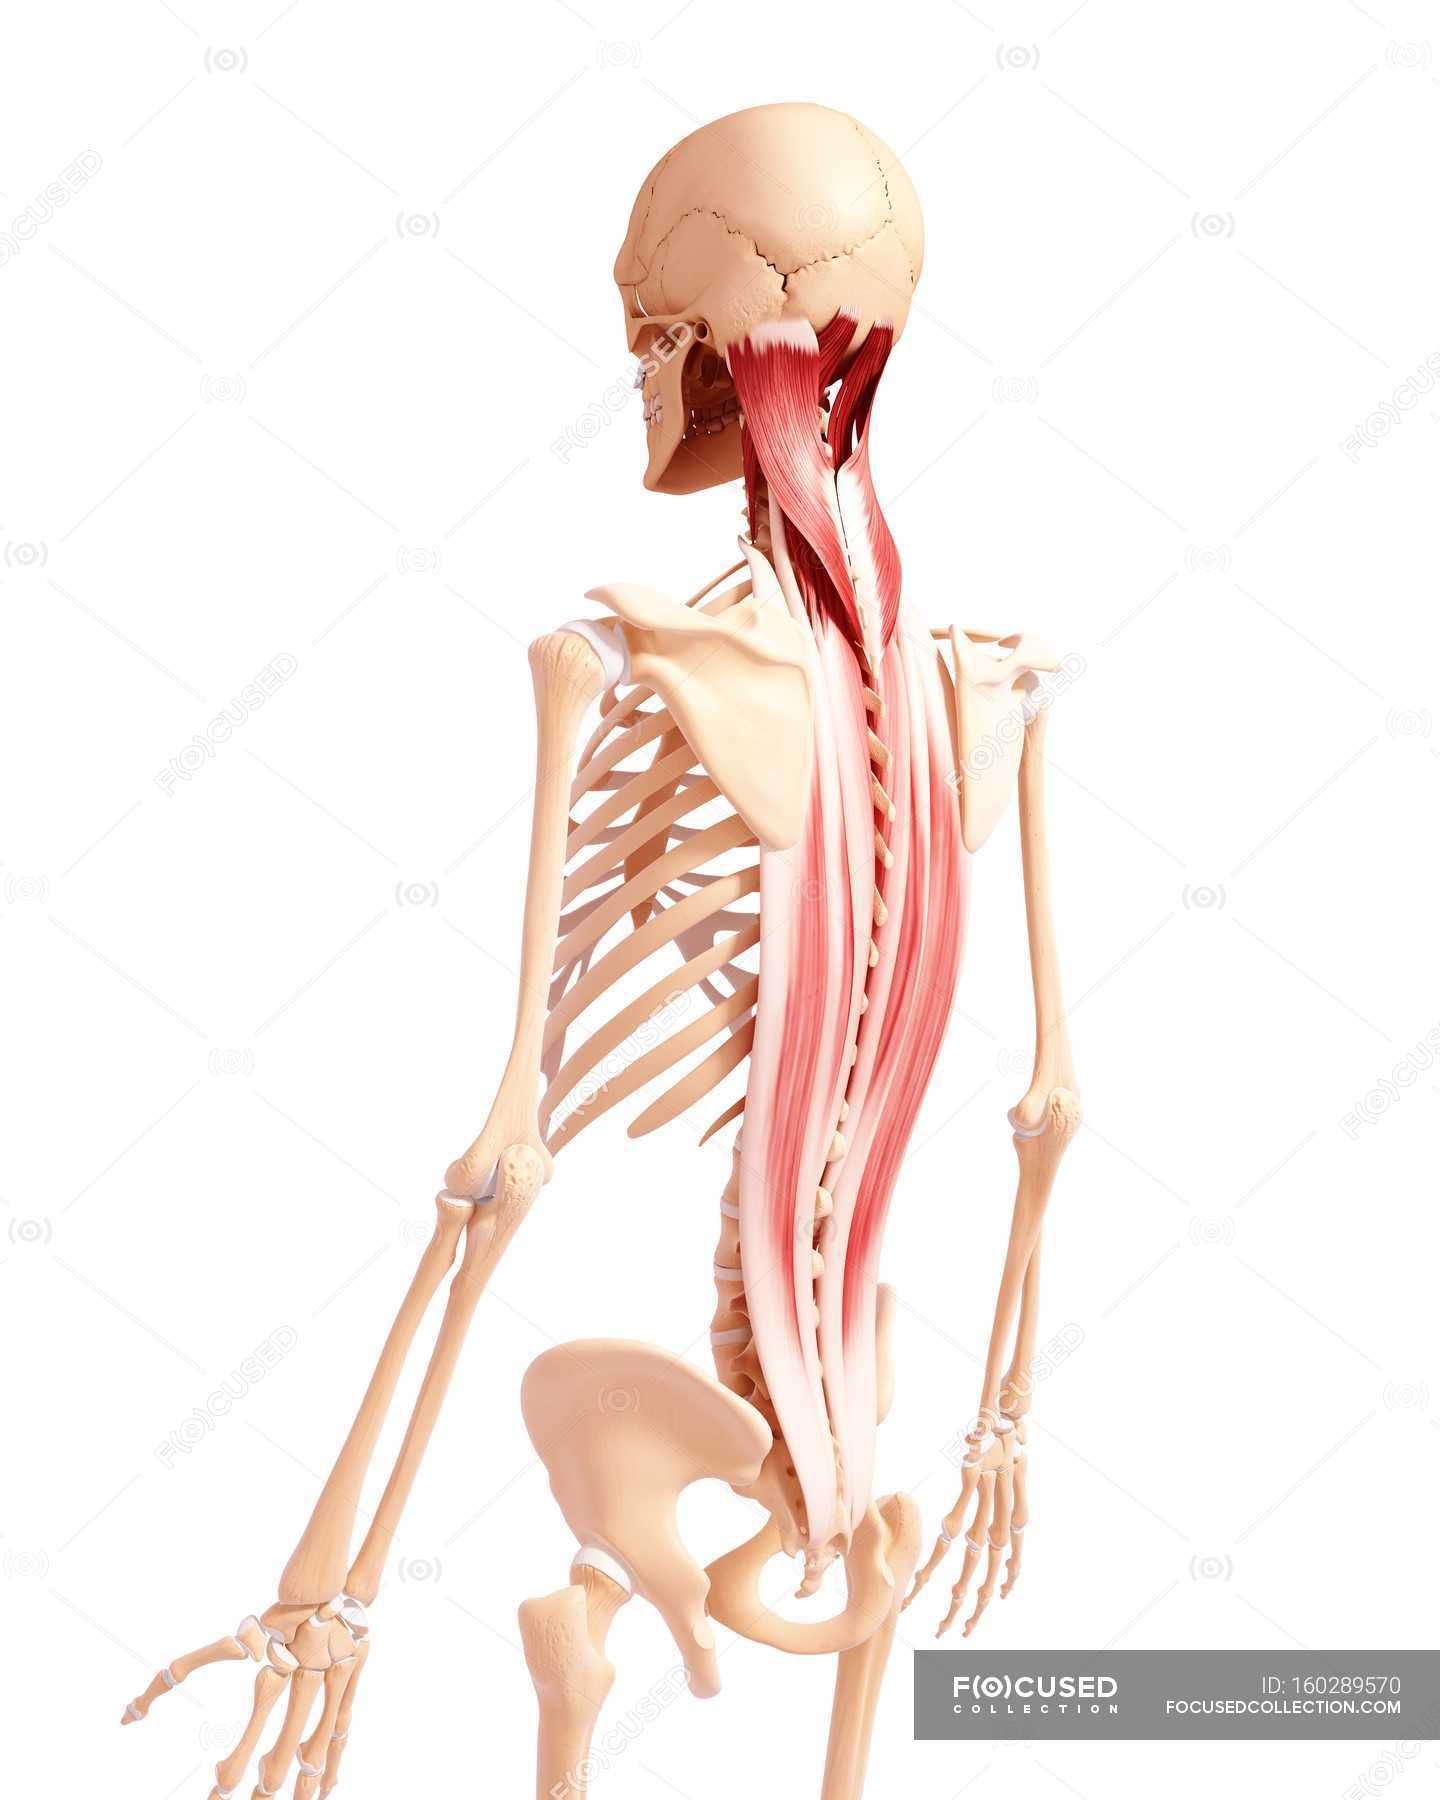 Menschliche Rückenmuskulatur — Stockfoto | #160289570